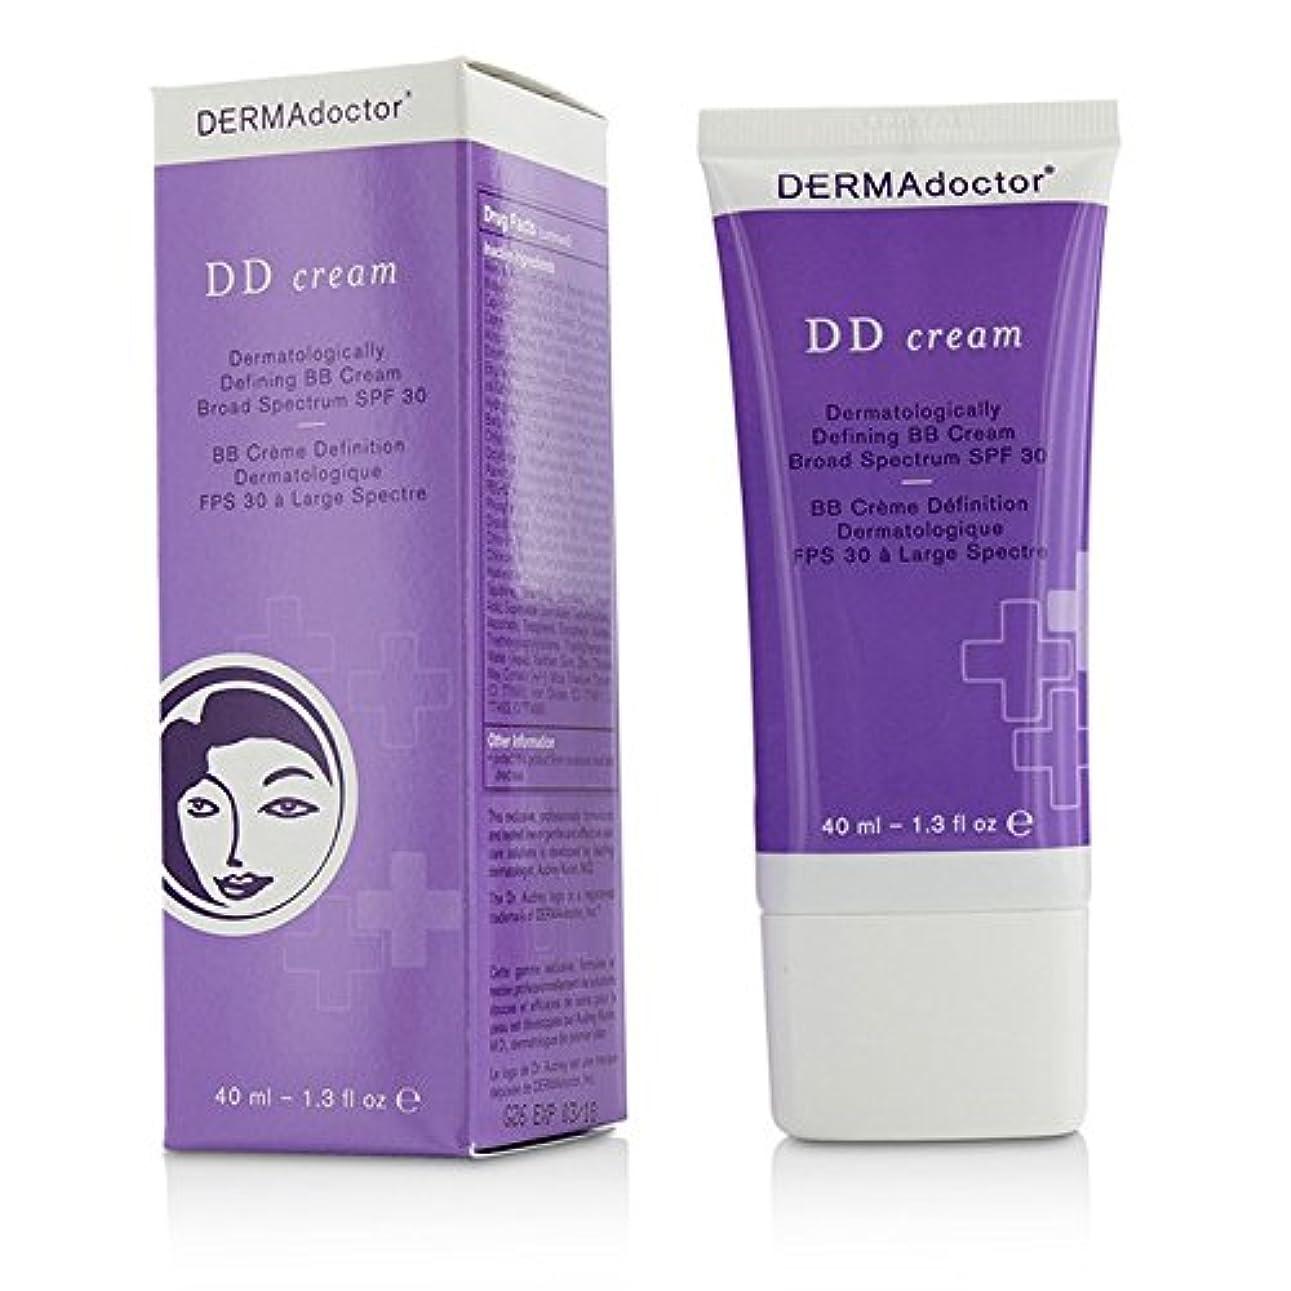 ダーマドクター DDクリーム (皮膚科医認証 BBクリーム SPF30) 40ml/1.3oz並行輸入品